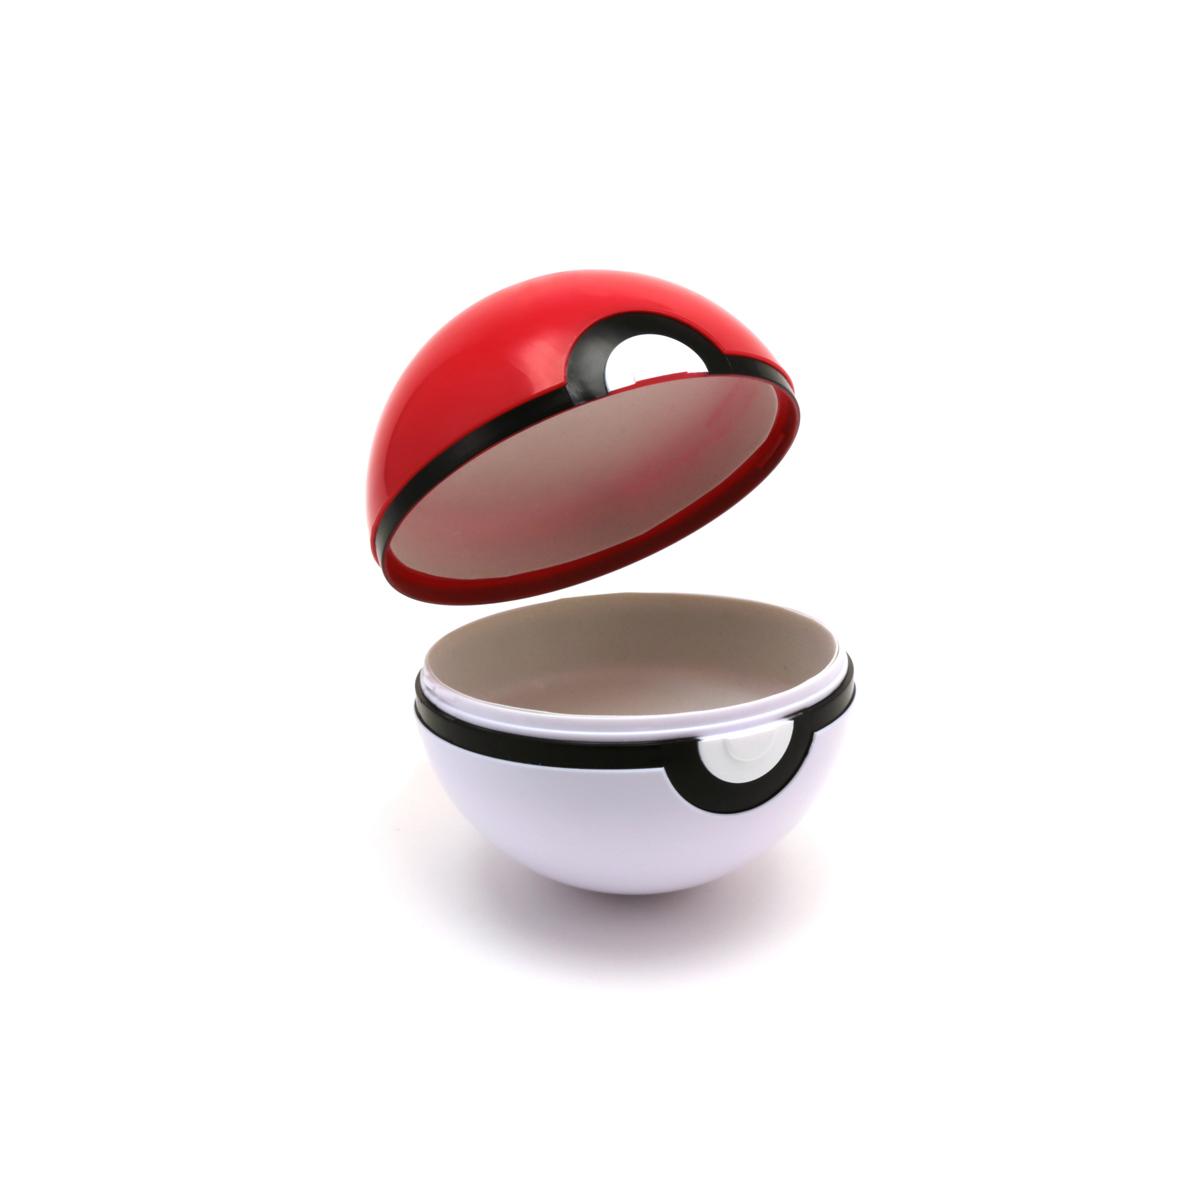 モンスターボールはこのようにパカッと開くので、この中にサングラスを収納